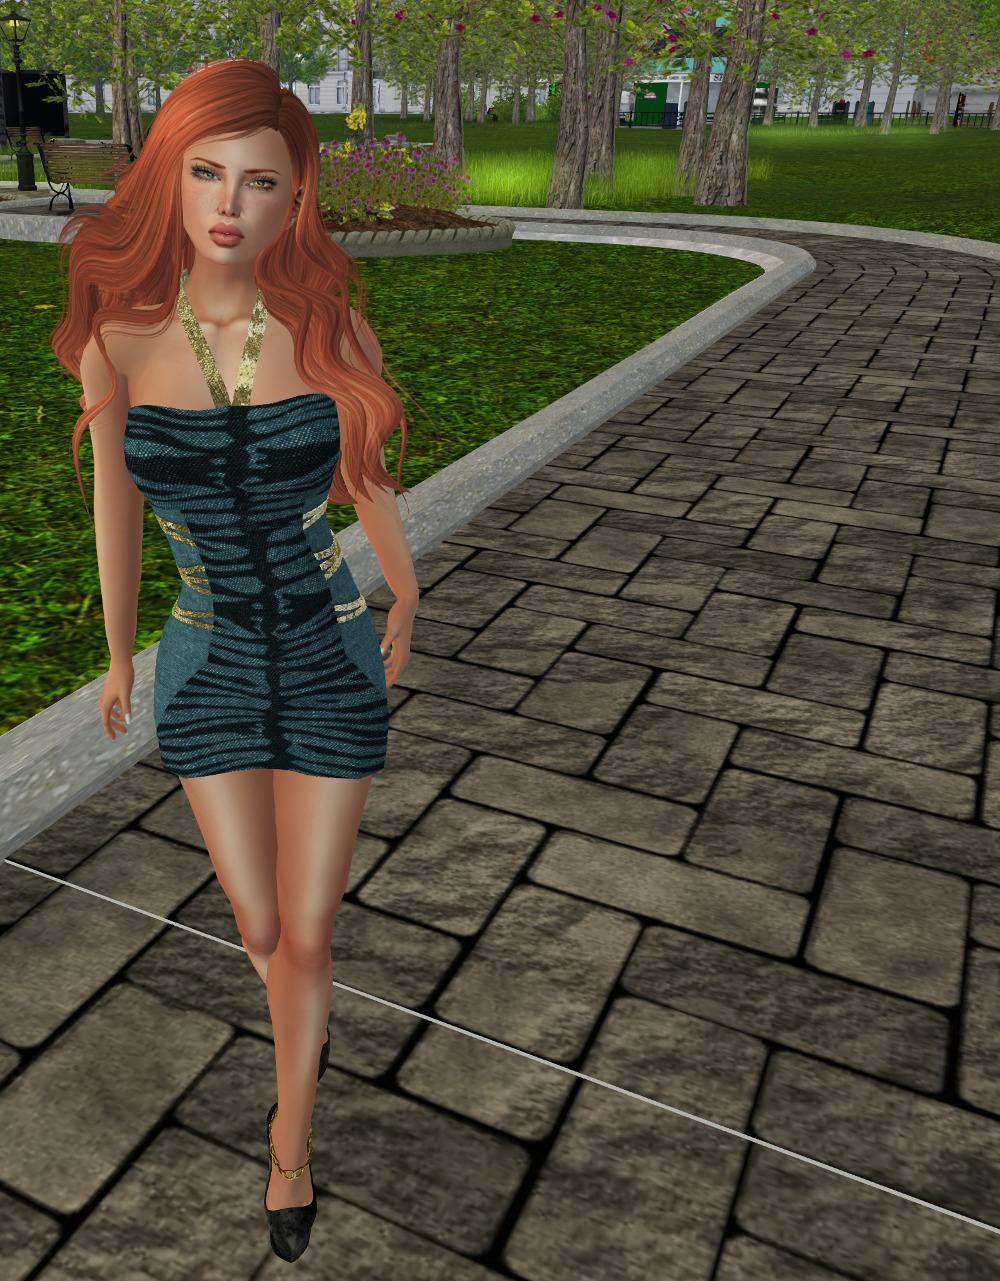 dress r12_004